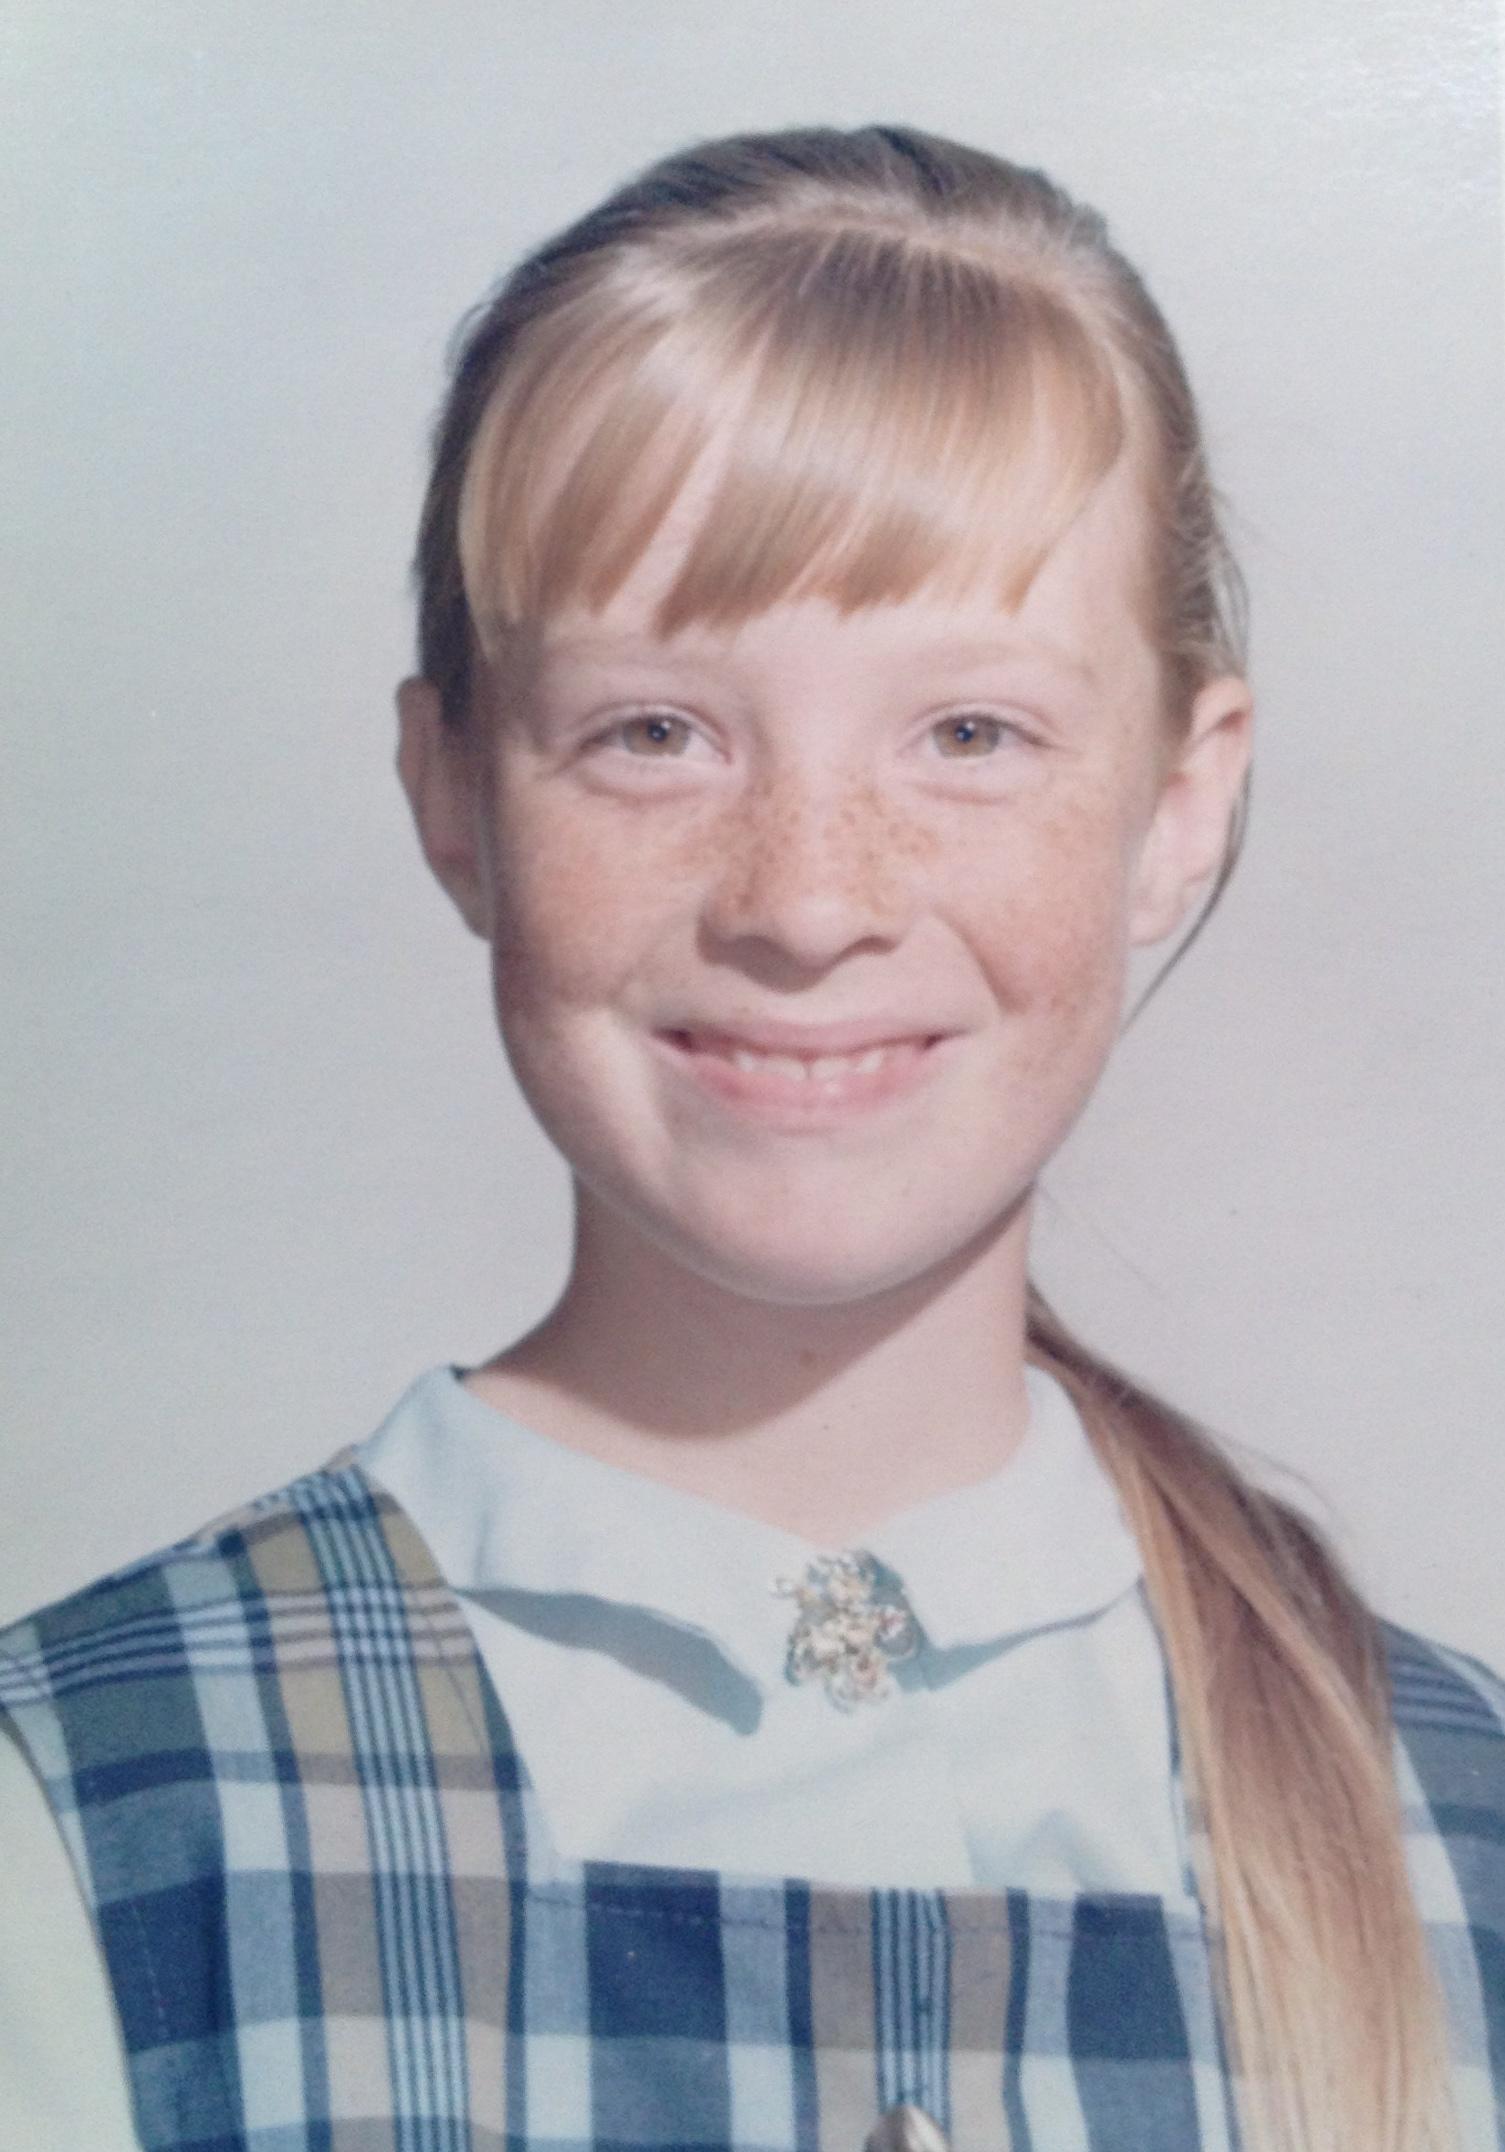 Judith O'Donnell. Age 9. 1966. Manhattan Beach, California.